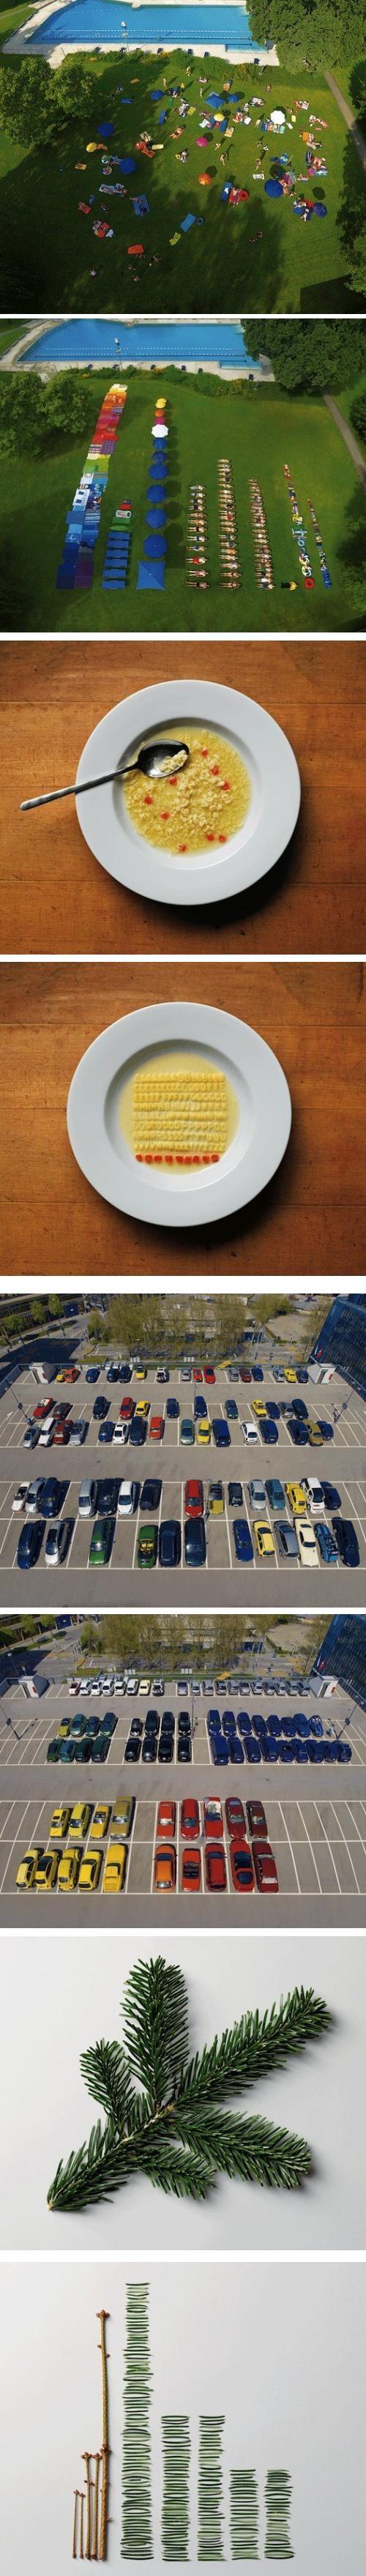 Como ordenar bien las cosas